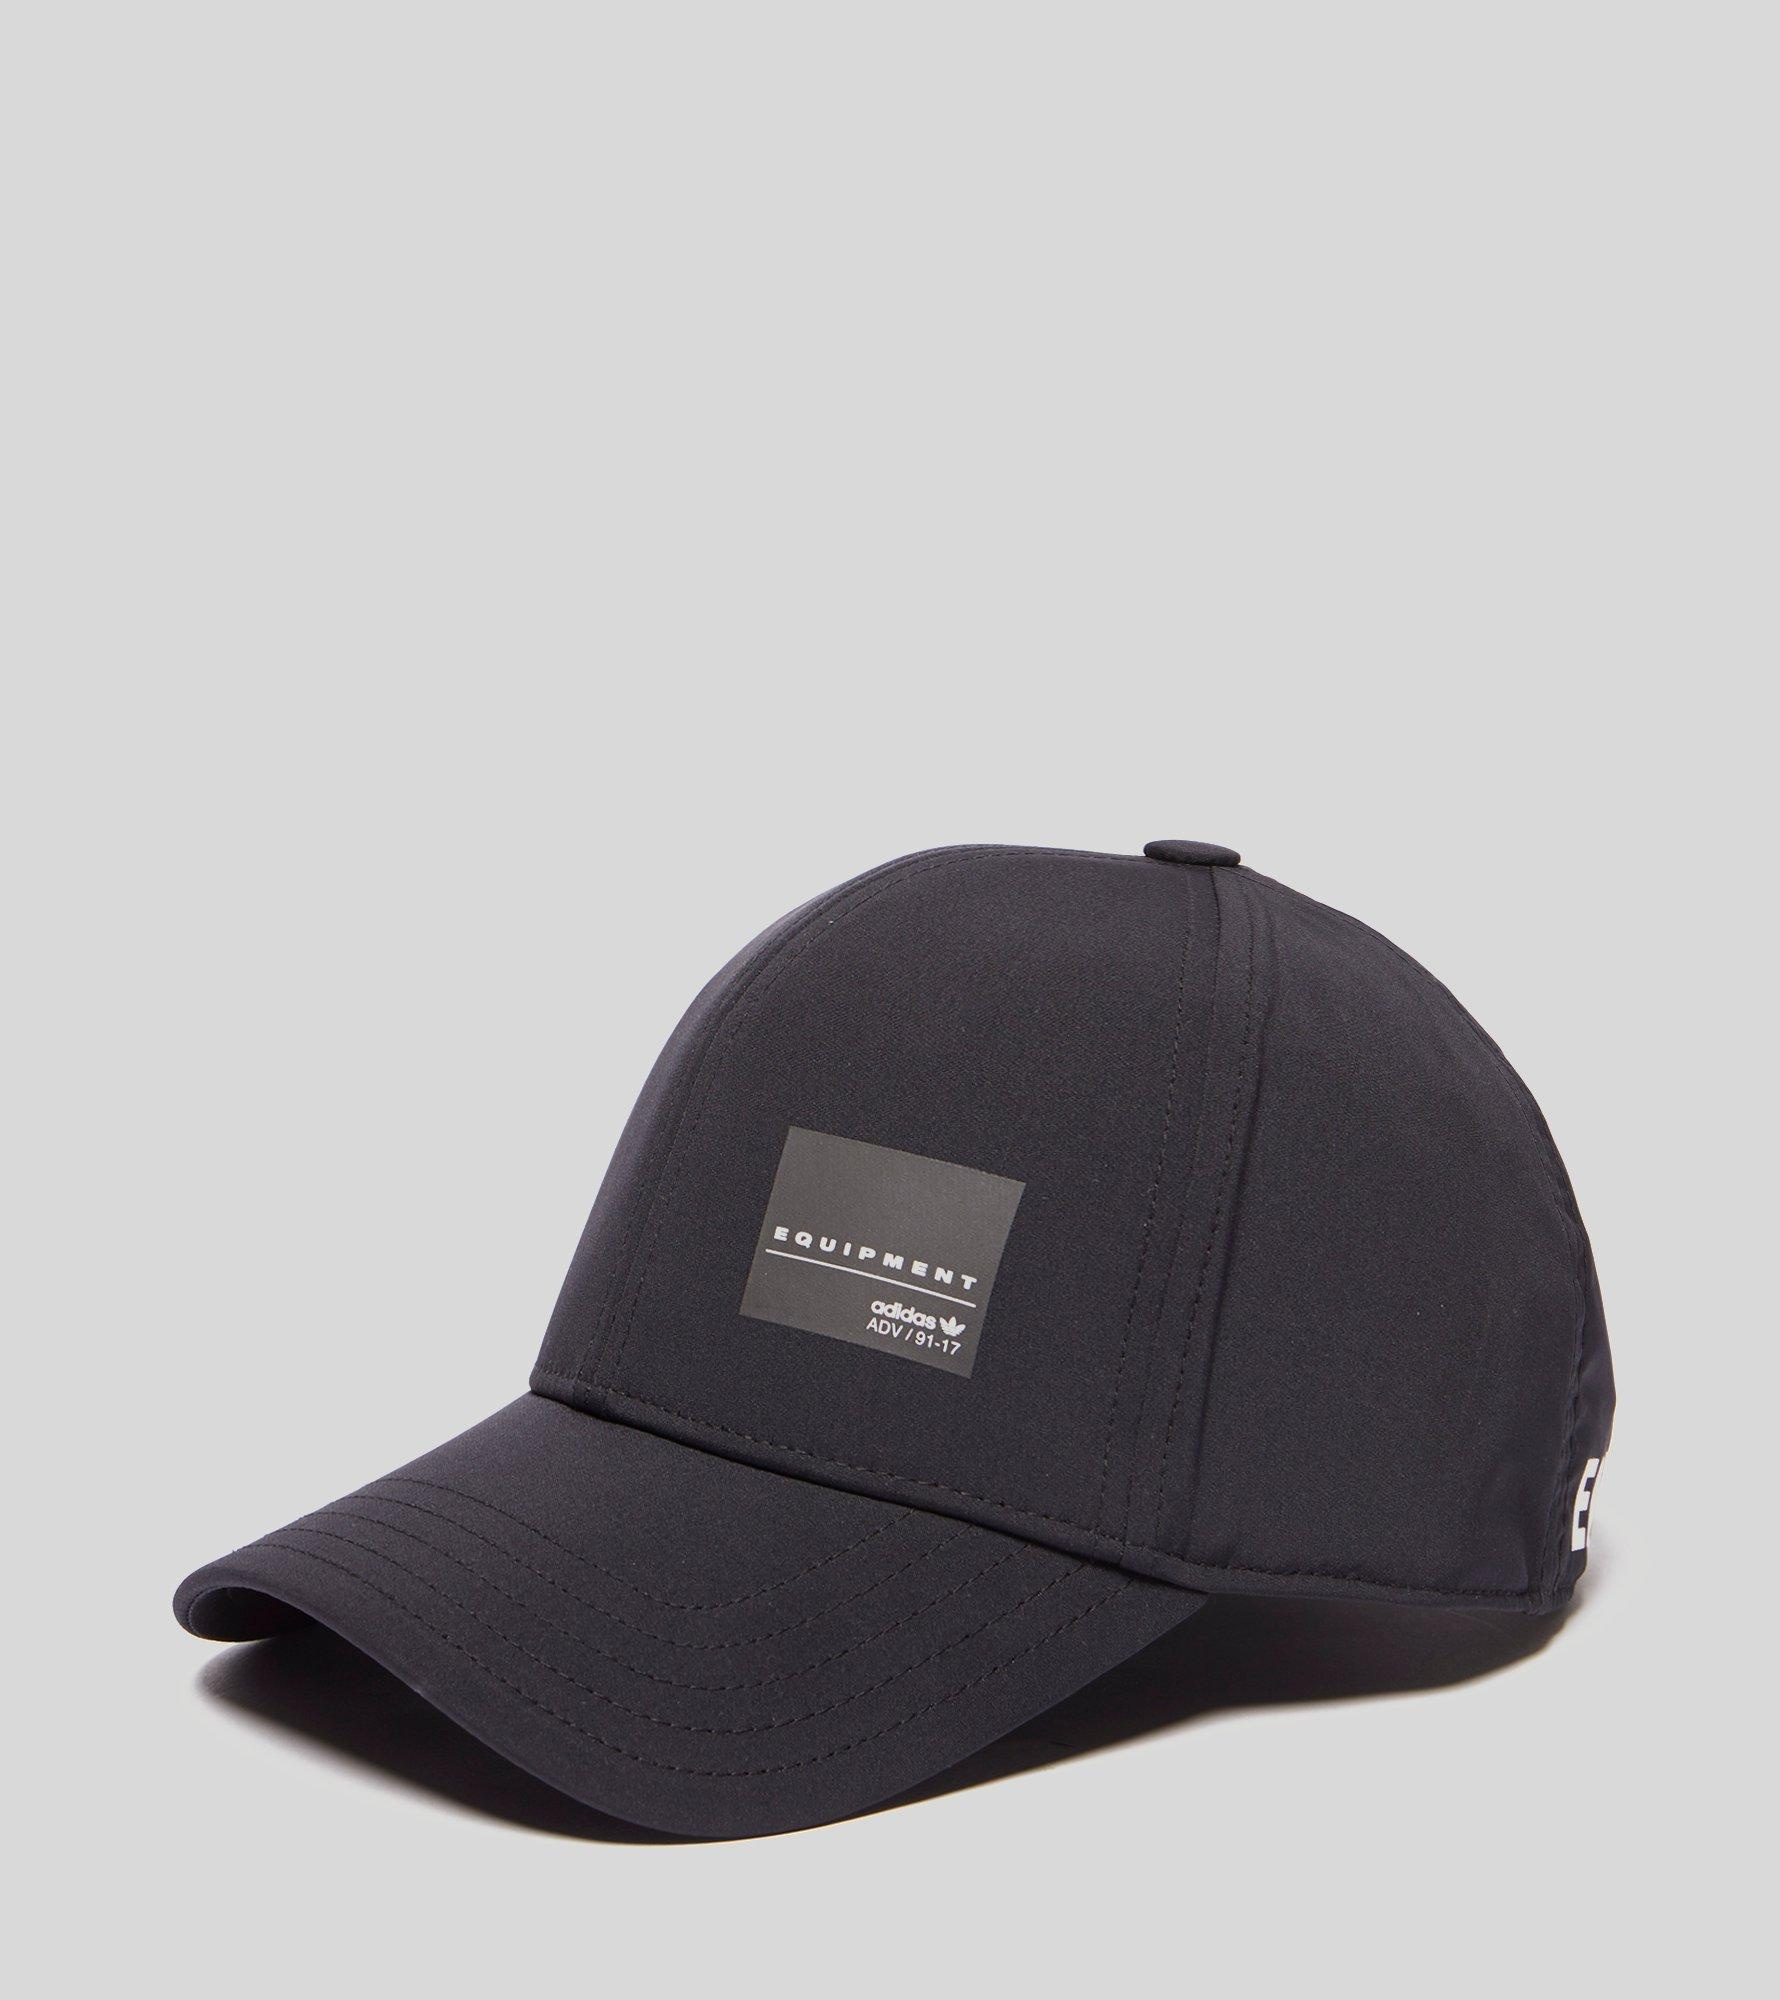 abb2e579 ... equipment re edition cap hat baseball ay9420 5f36a da806; denmark lyst  adidas originals eqt classic cap in black for men 7f384 f1982